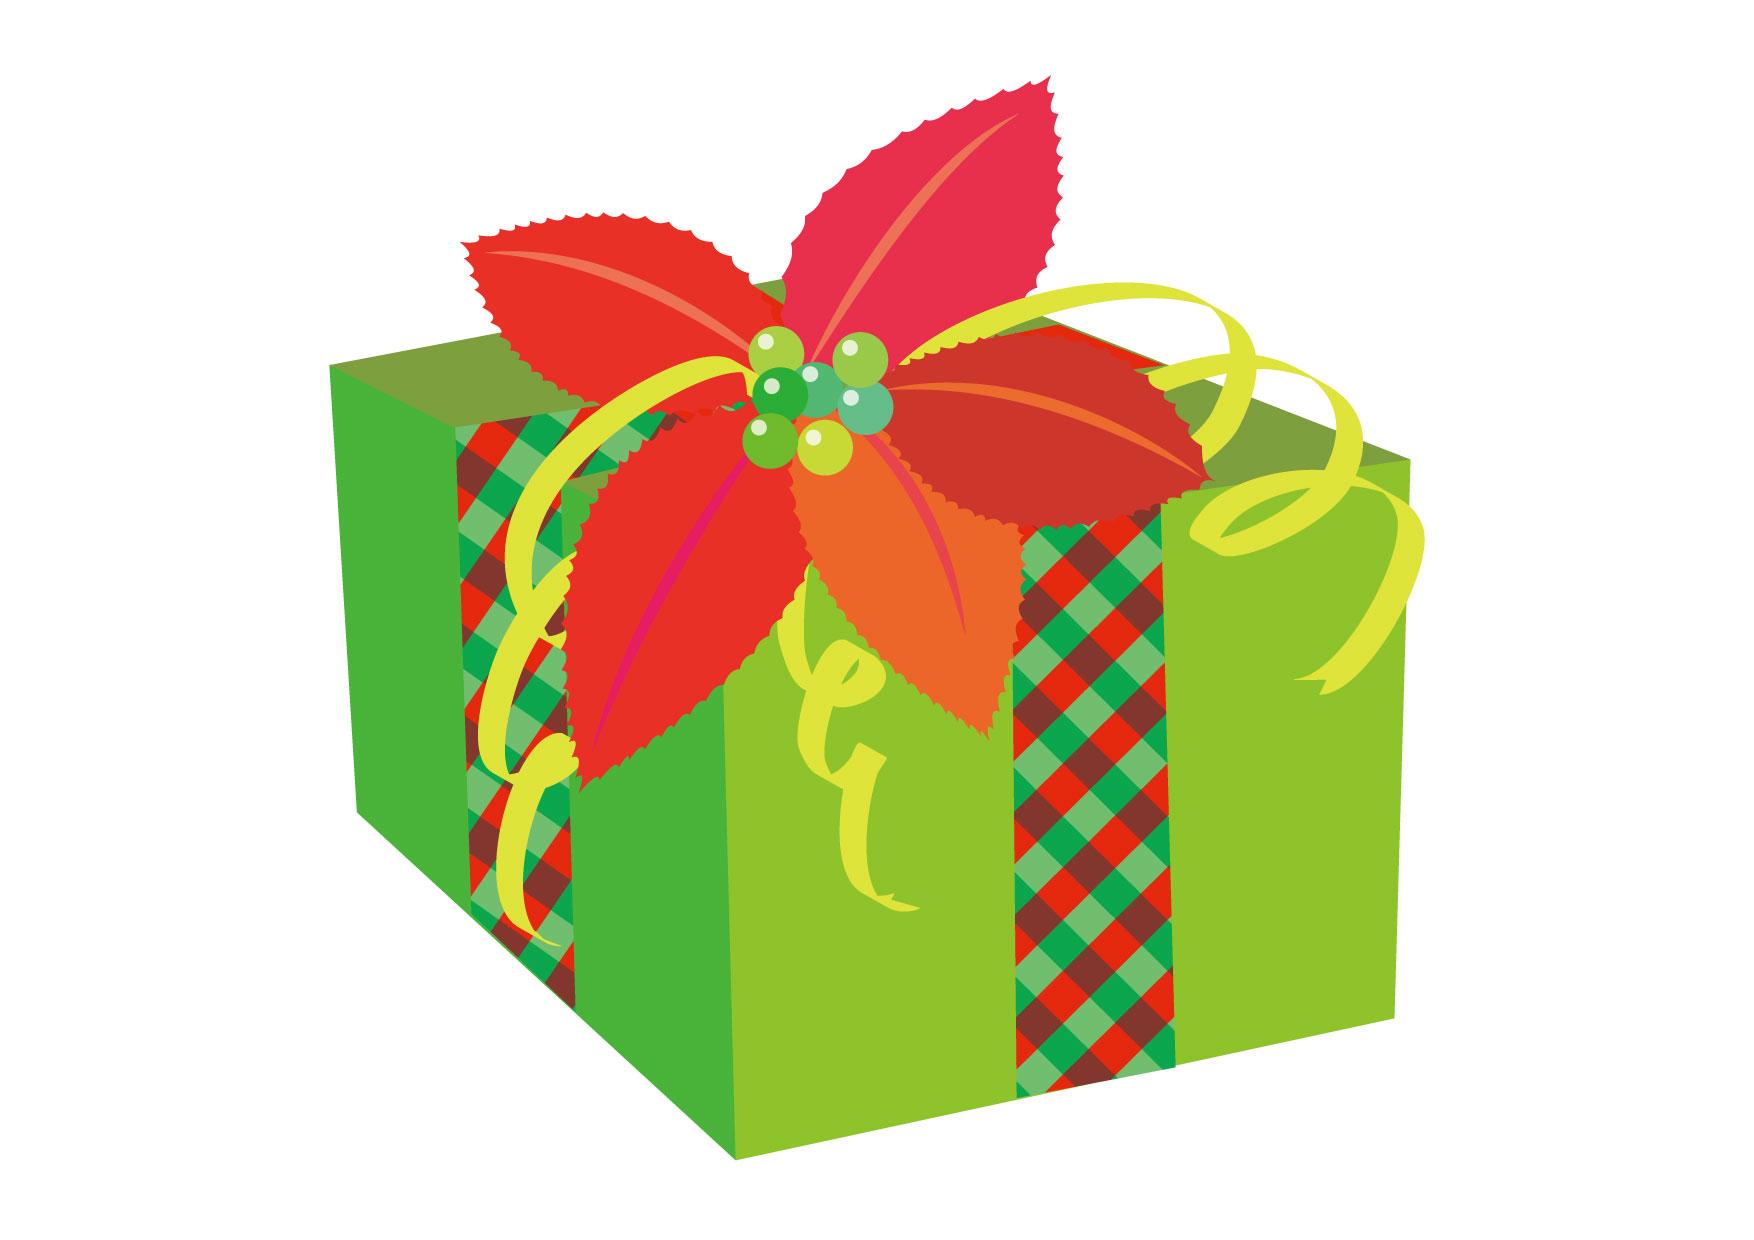 可愛いイラスト無料|クリスマスプレゼント 緑色 ポインセチア − free illustration Christmas gift green poinsettia